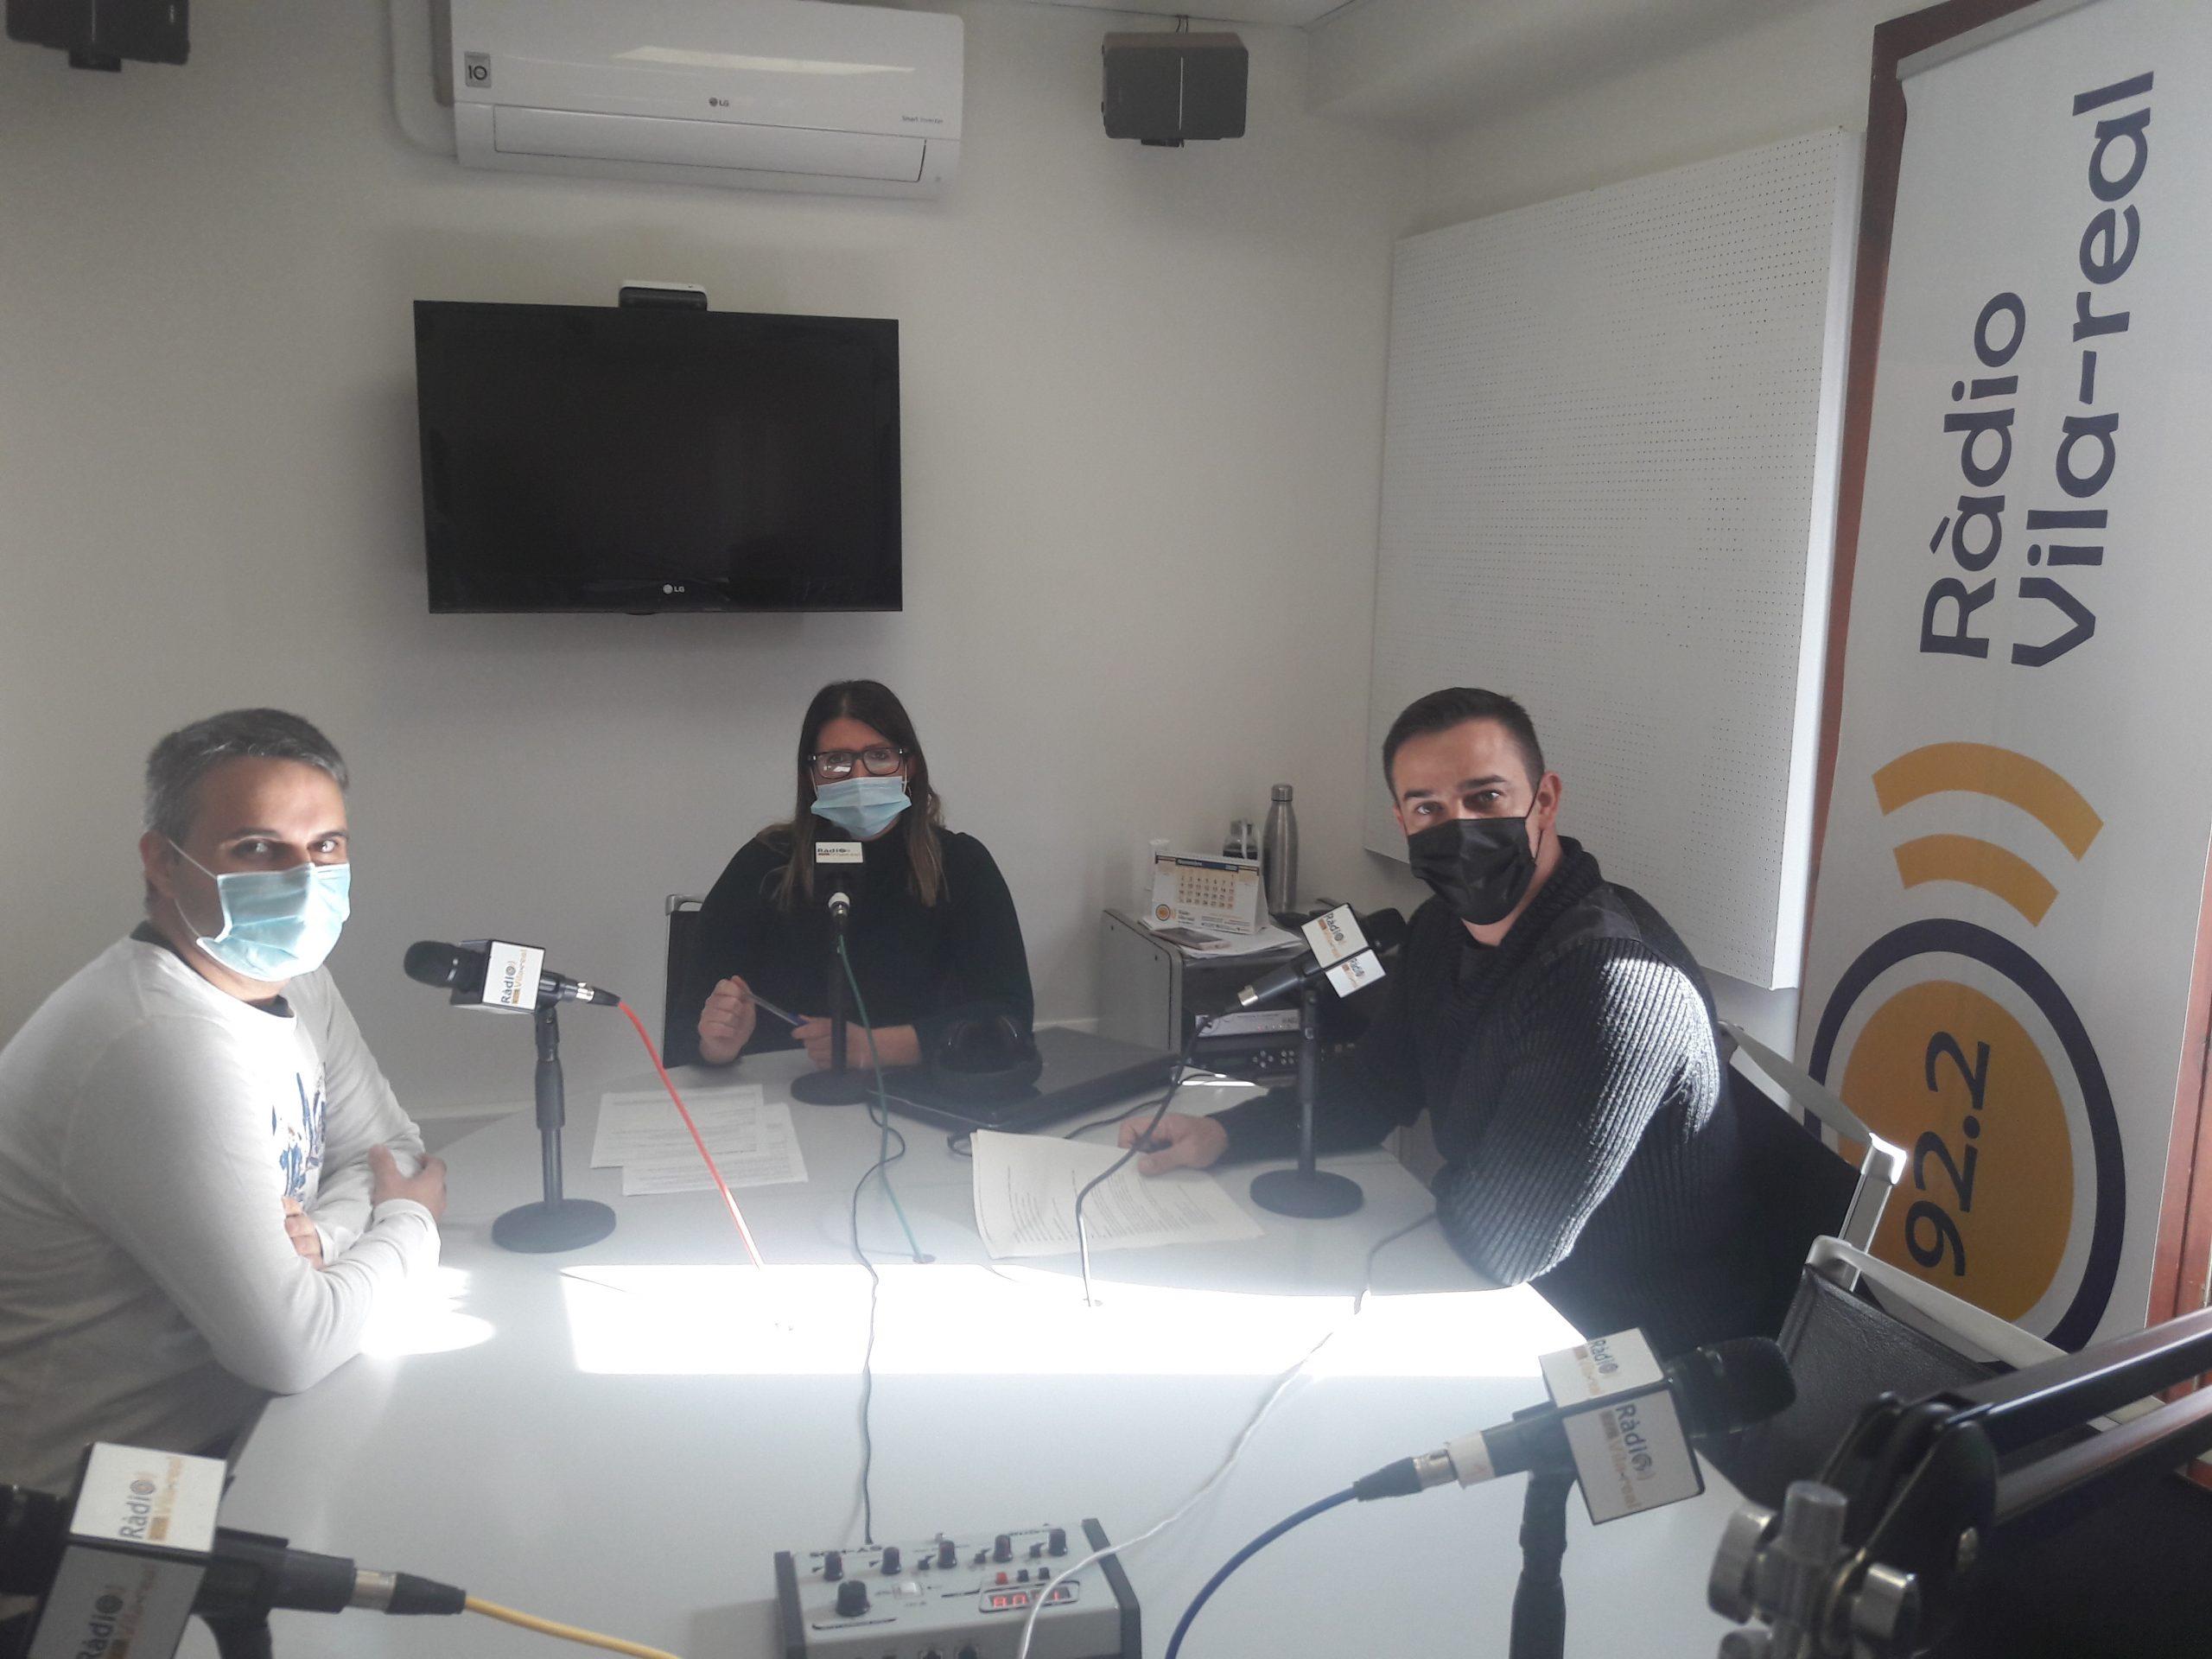 Entrevista al coordinador de la Fundació de Caixa Rural de Vila-real, Miquel Ortells, y el formador en ciberseguridad, Jaume Martín